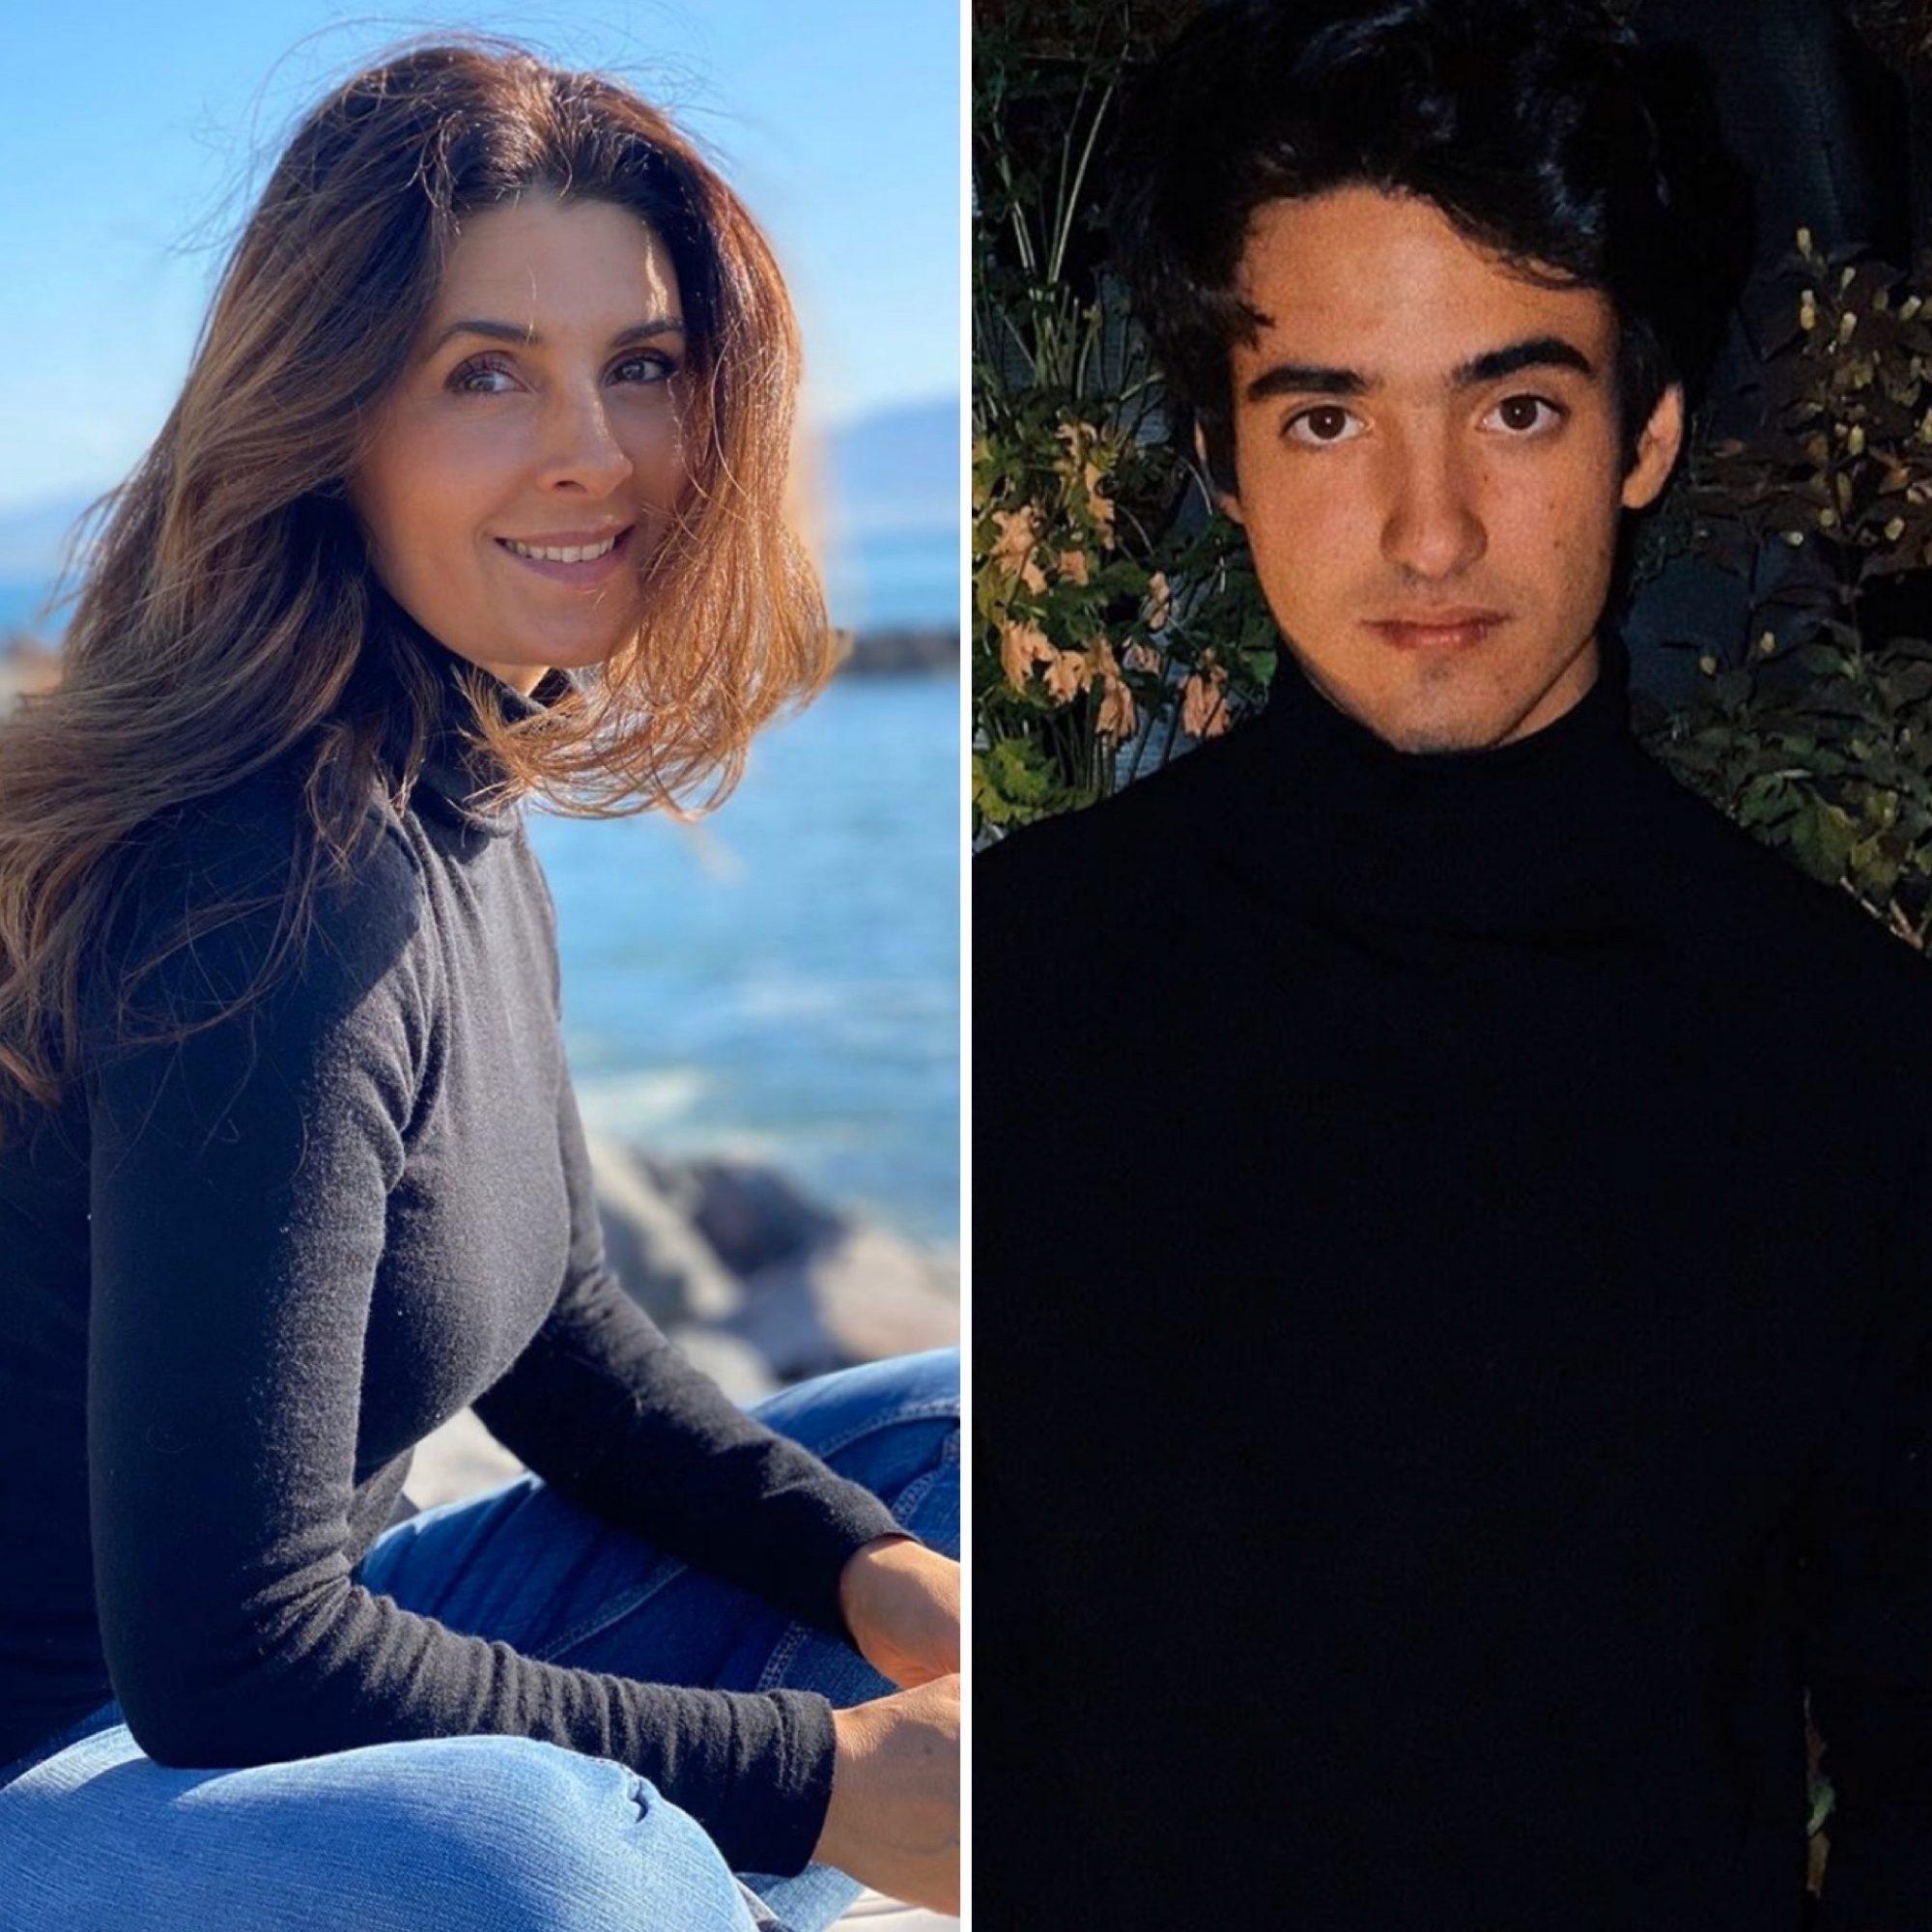 Hijo de Mayrín Villanueva felicita con romántico mensaje a su novia actriz